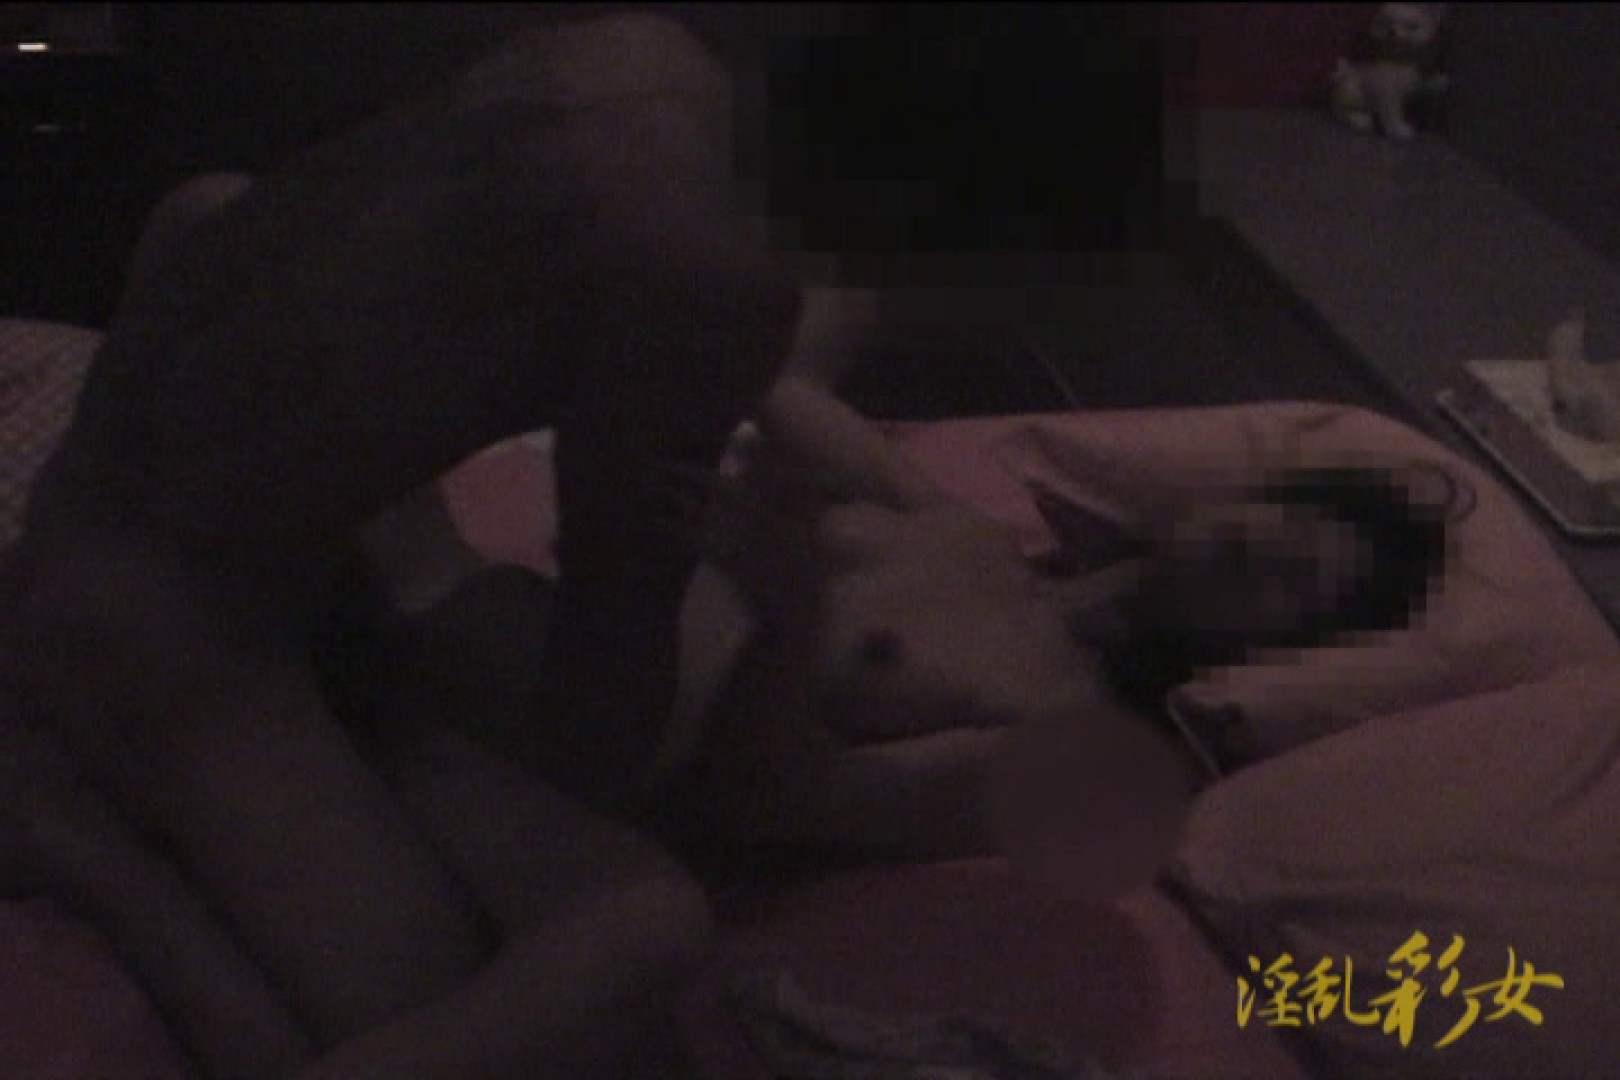 淫乱彩女 麻優里 旦那の前で王様ゲーム フェラ エロ無料画像 85pic 82